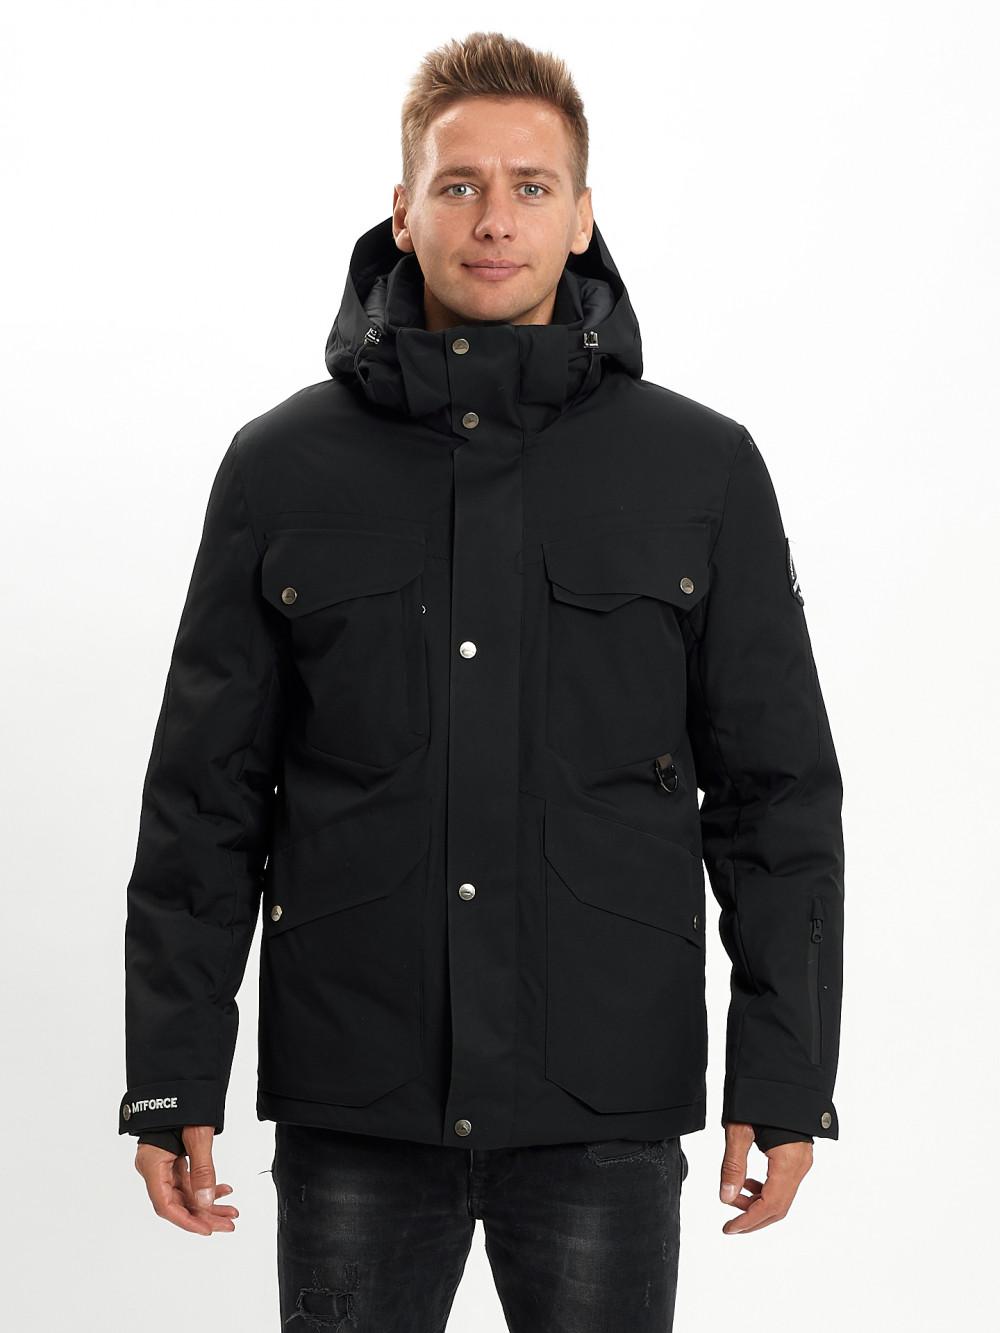 Купить оптом Горнолыжная куртка мужская MTFORCE черного цвета 2088Ch в Екатеринбурге